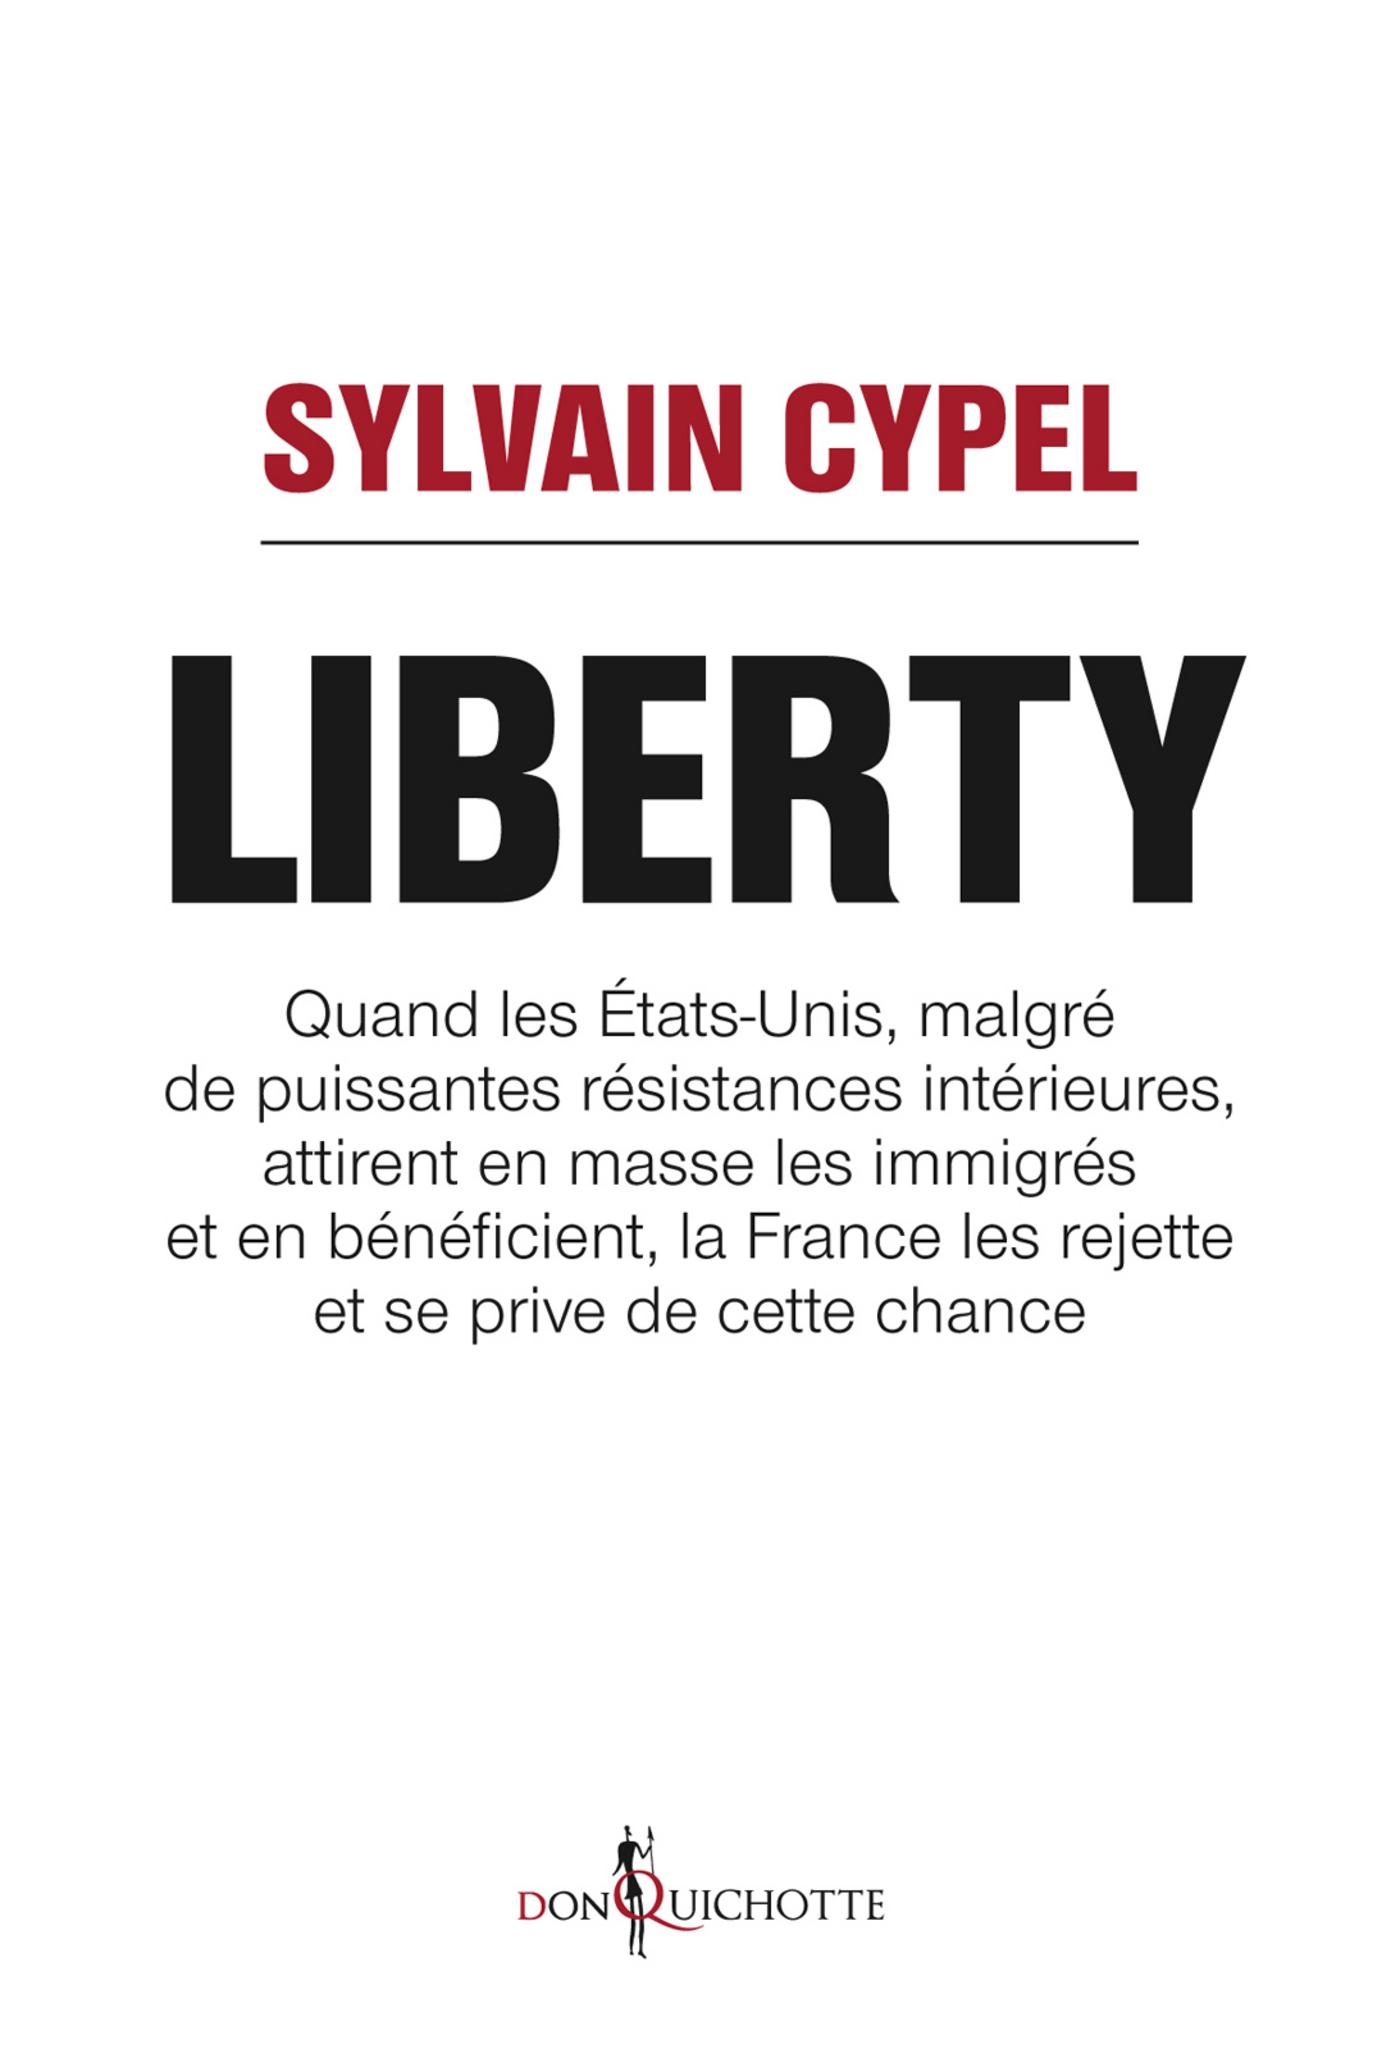 Liberty. Quand les États-Unis attirent en masse les immigrés et en bénéficient, la France les rejett